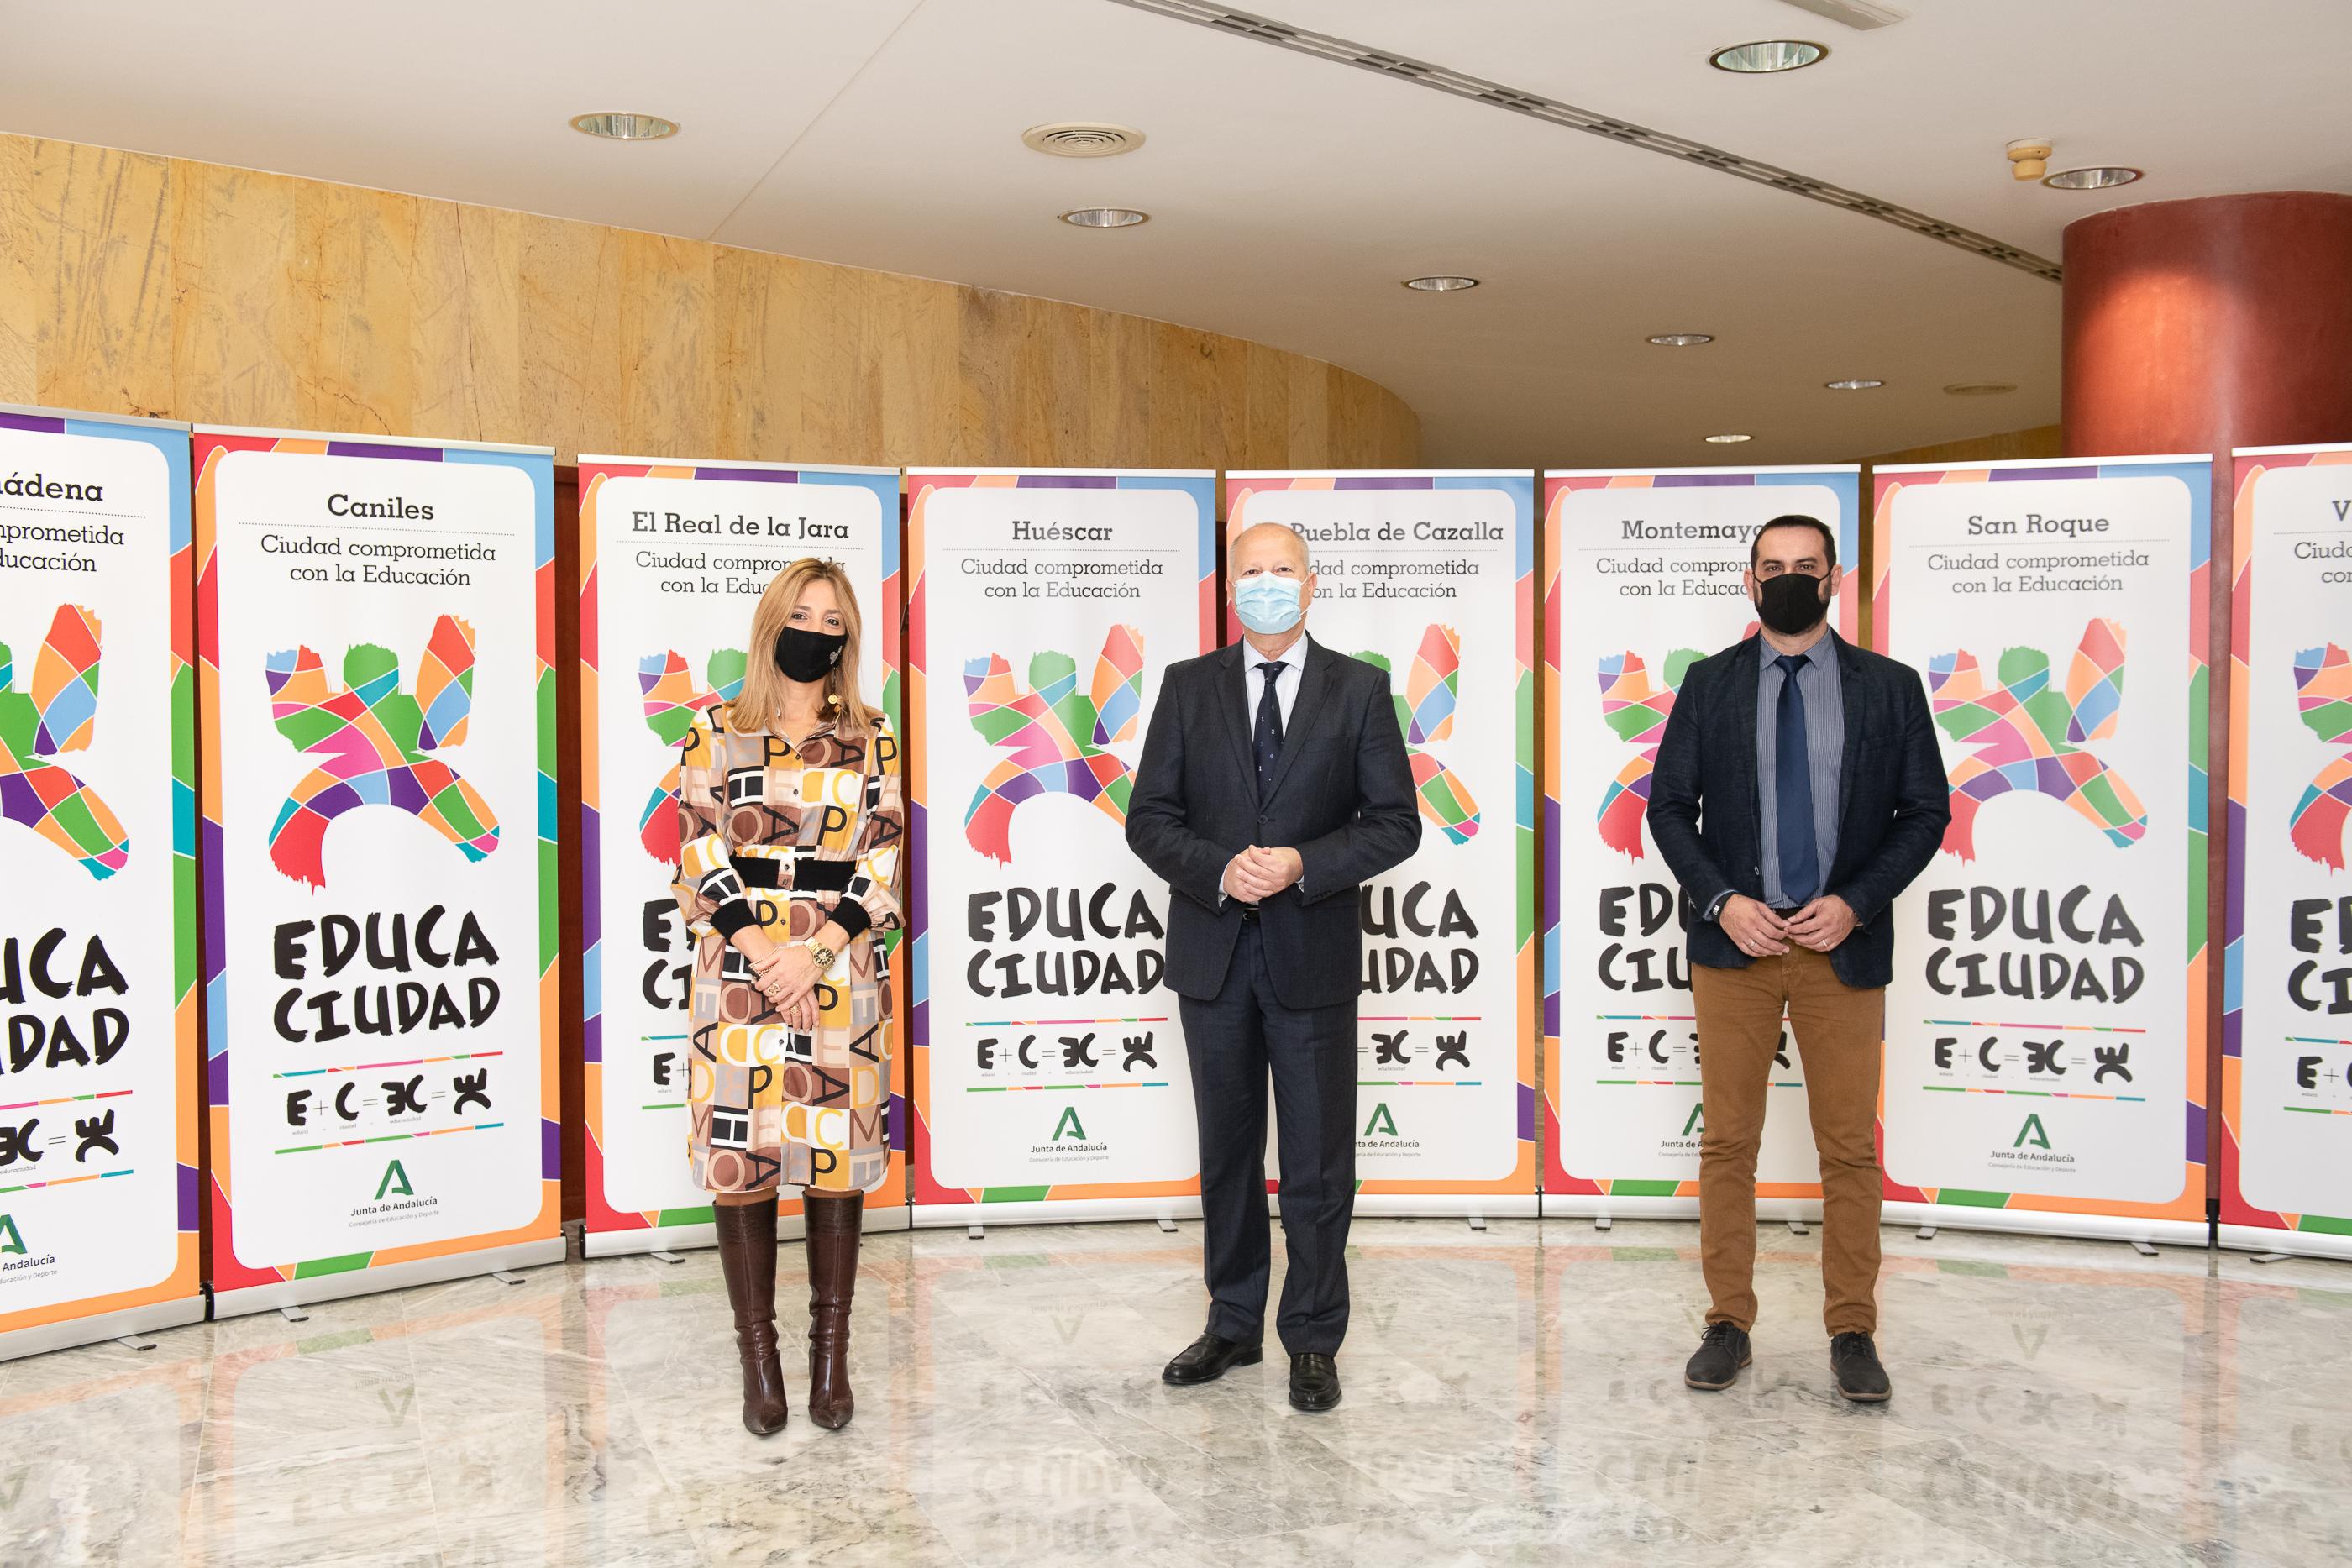 Caniles y Huéscar son distinguidos con los Premios Educaciudad por su compromiso con la enseñanza